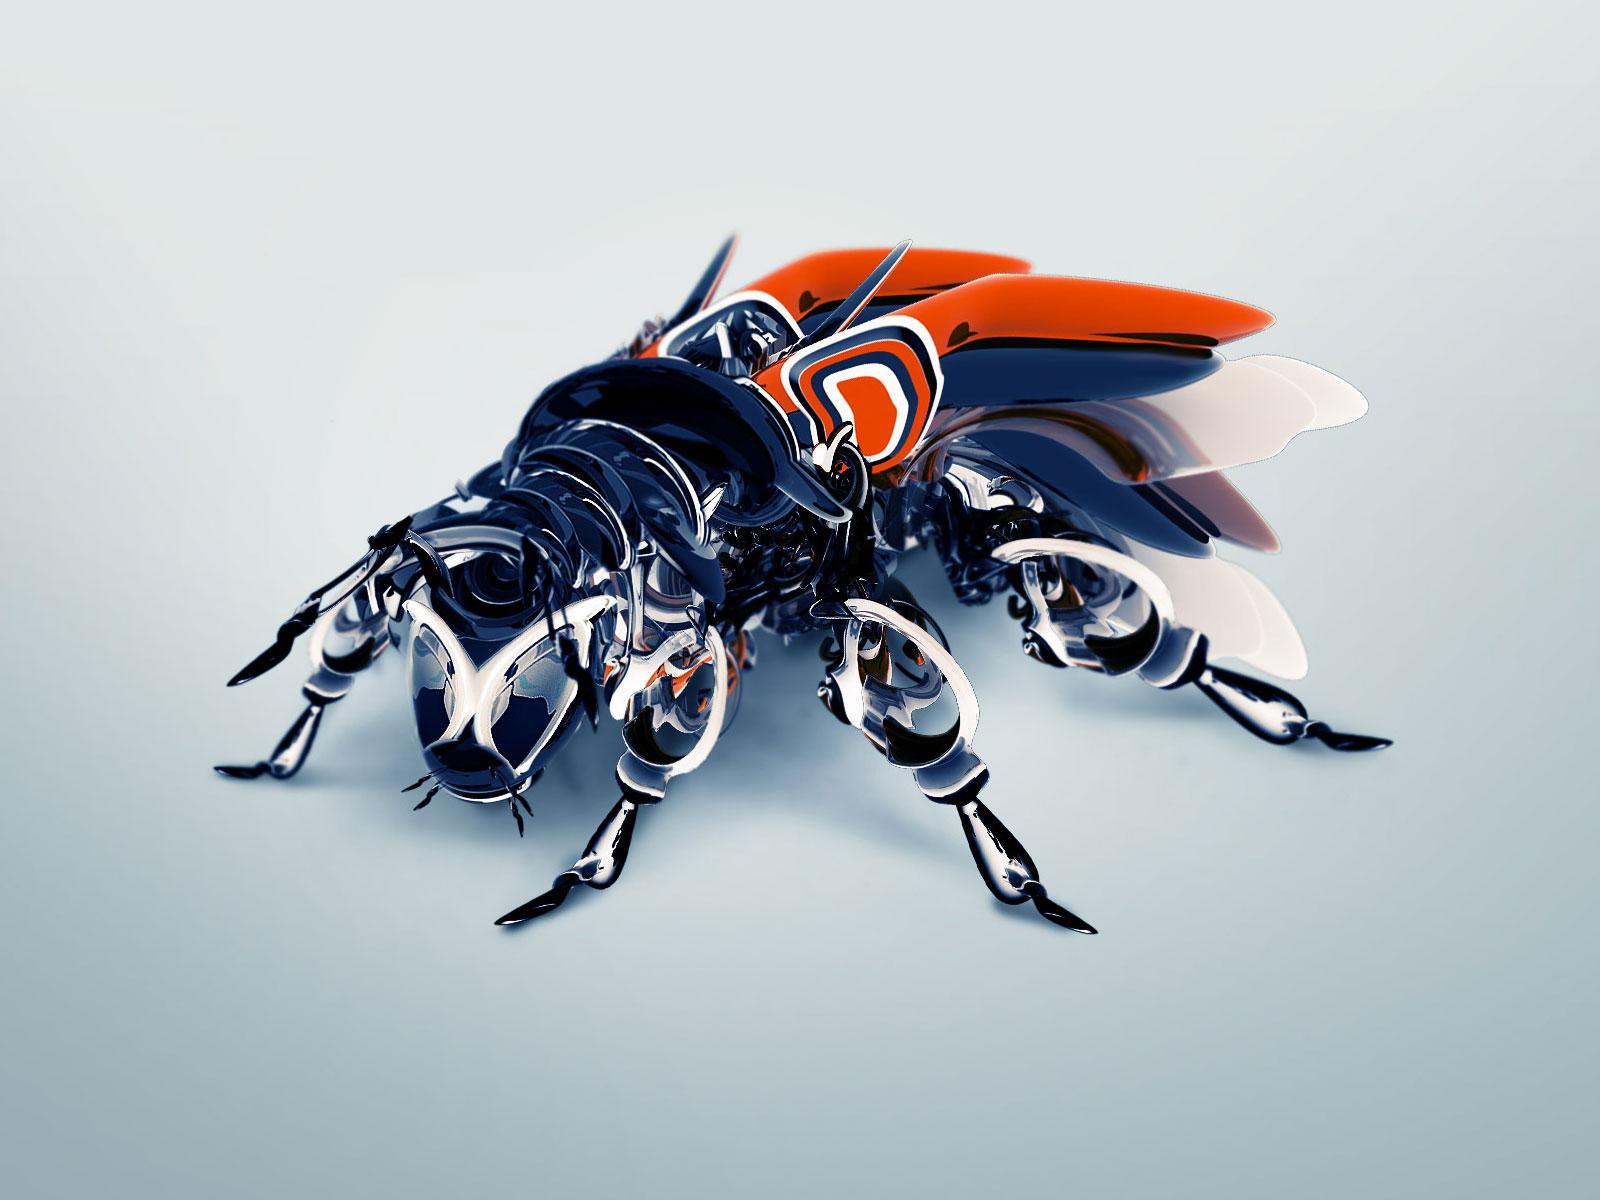 http://4.bp.blogspot.com/-uGcVU_tlDCQ/UIkvsUcHn_I/AAAAAAAAADU/riT2T2S_qrc/s1600/bee-robot-blue.jpg